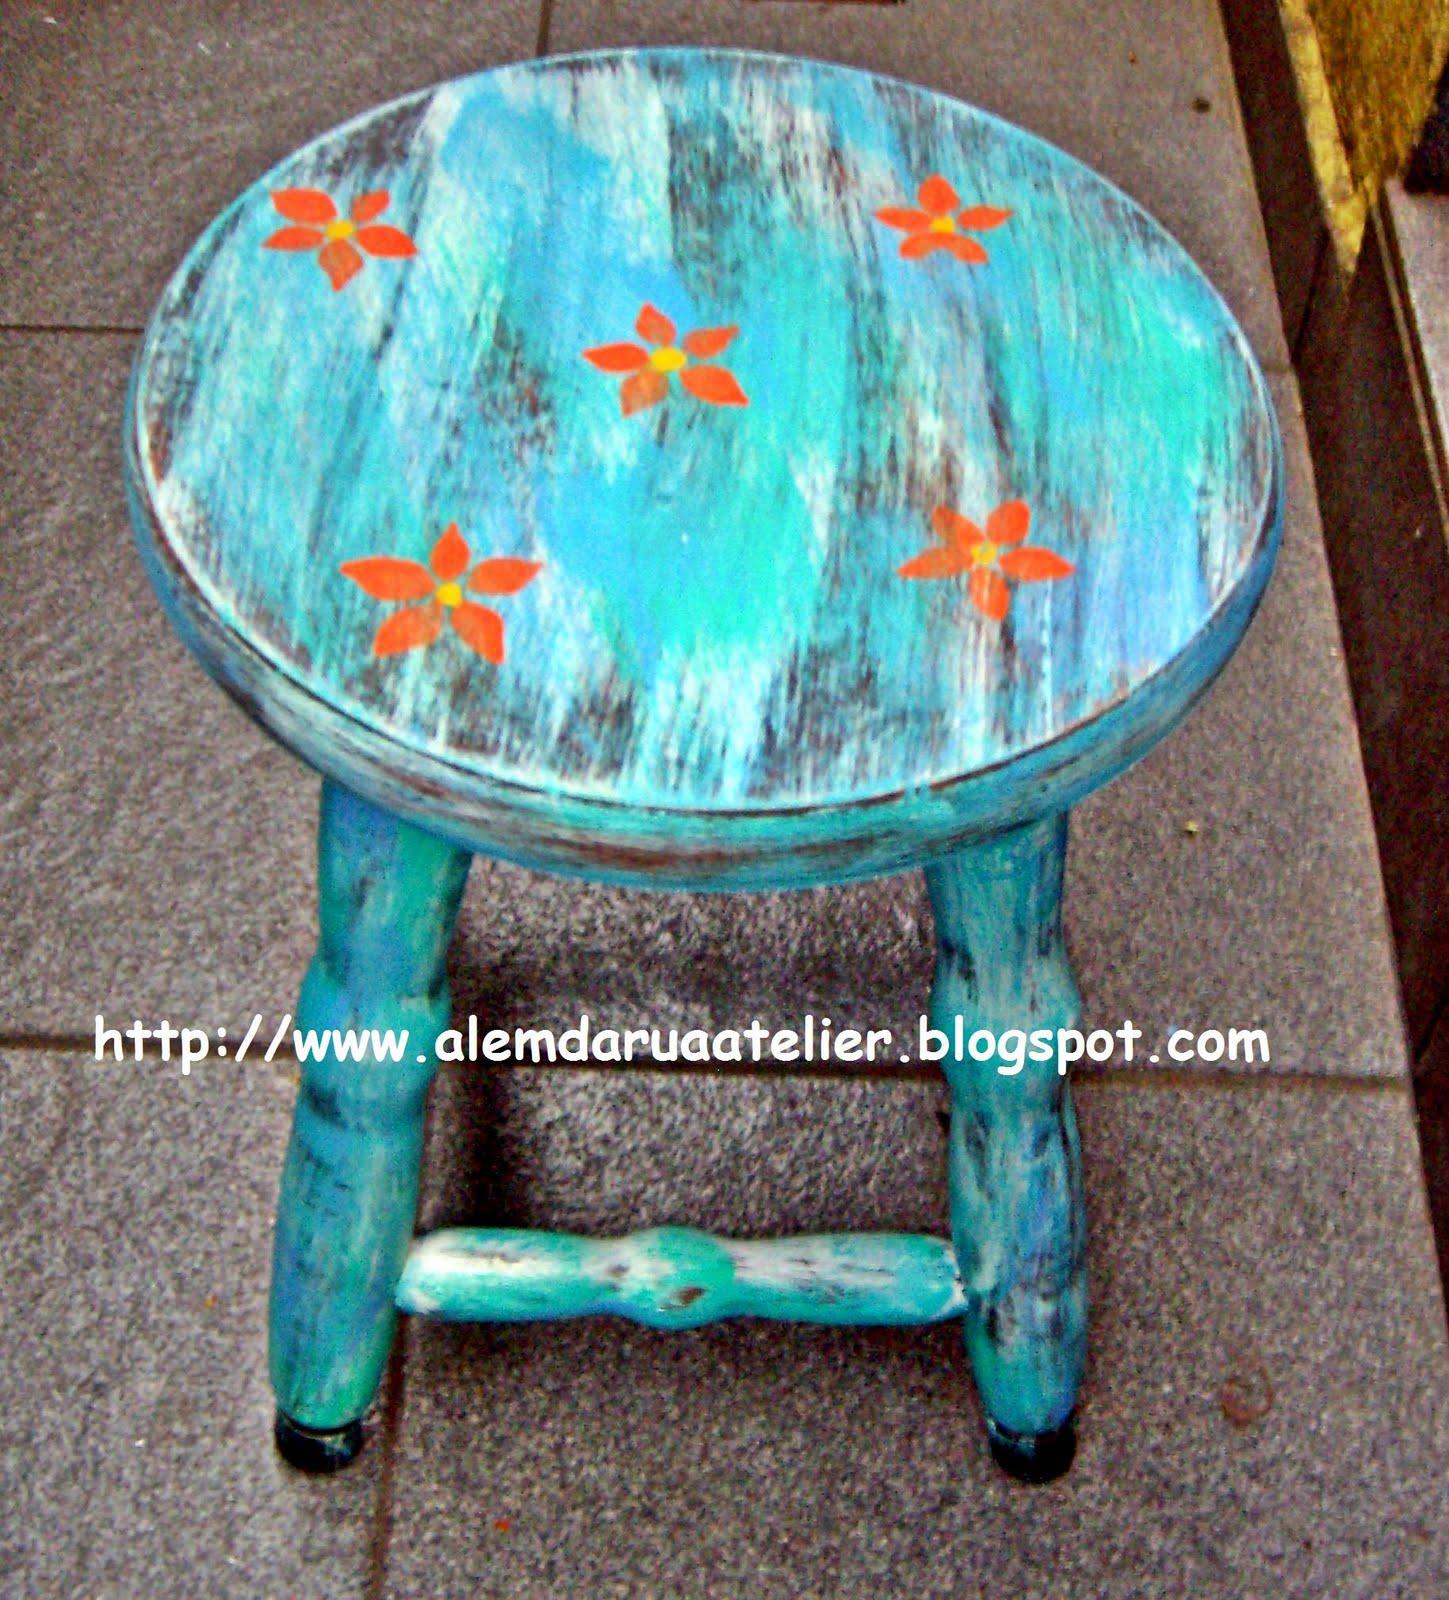 curso de pintura em madeira   pátina envelhecida em banco 2.JPG #BB4710 1449x1600